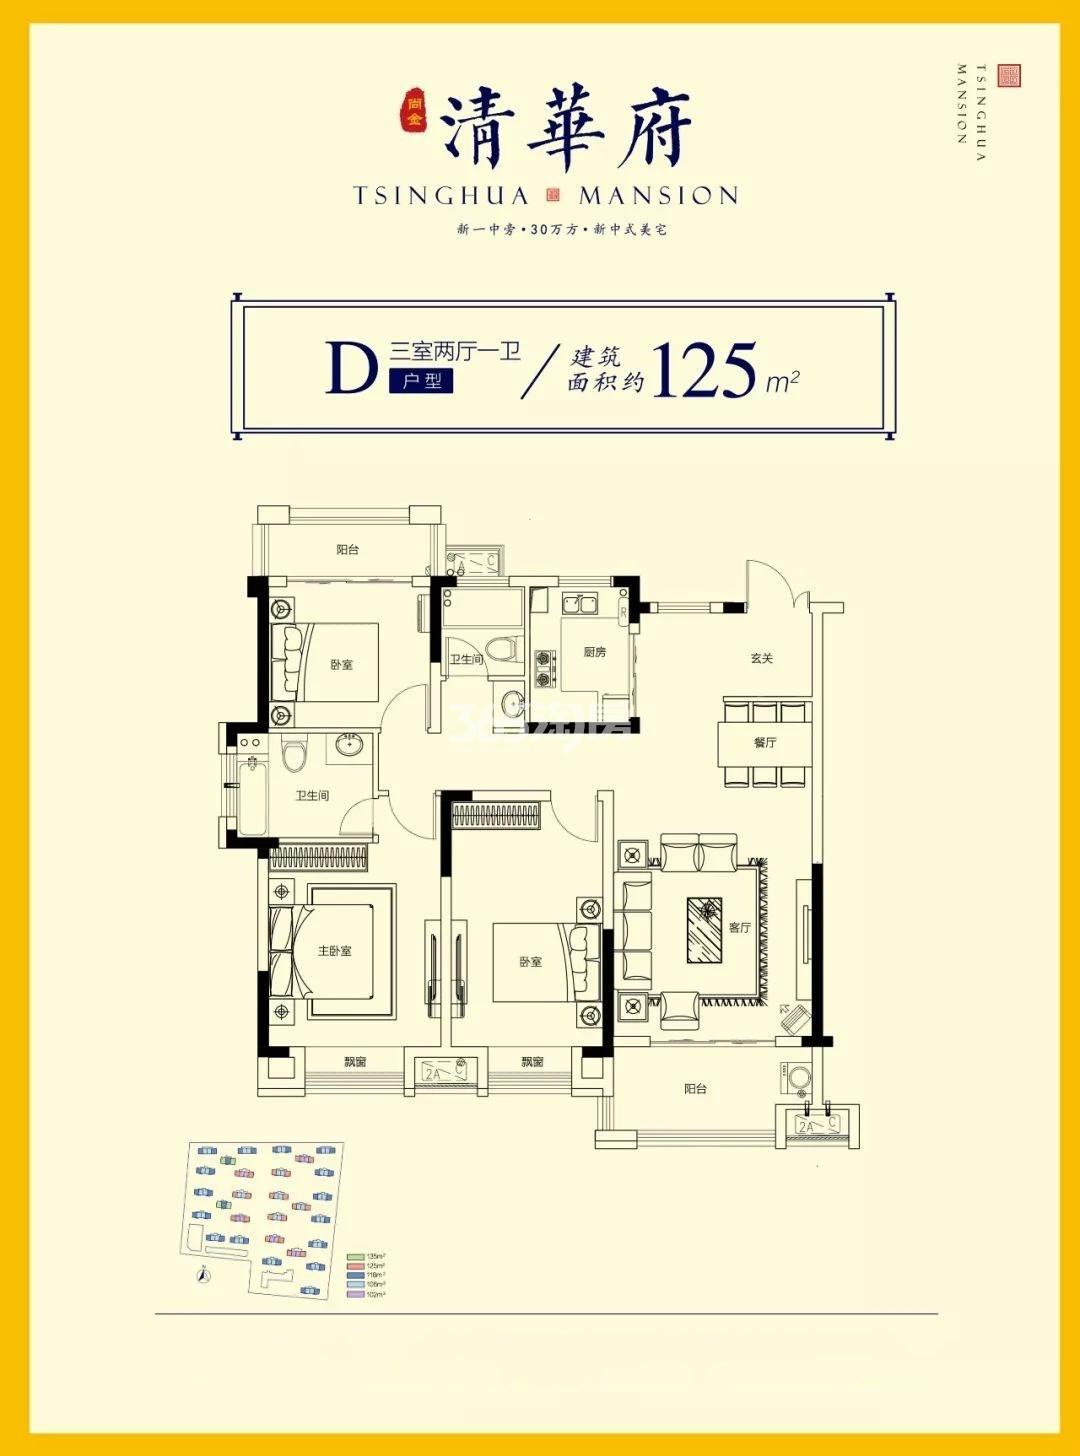 D户型 3室2厅1卫 125㎡